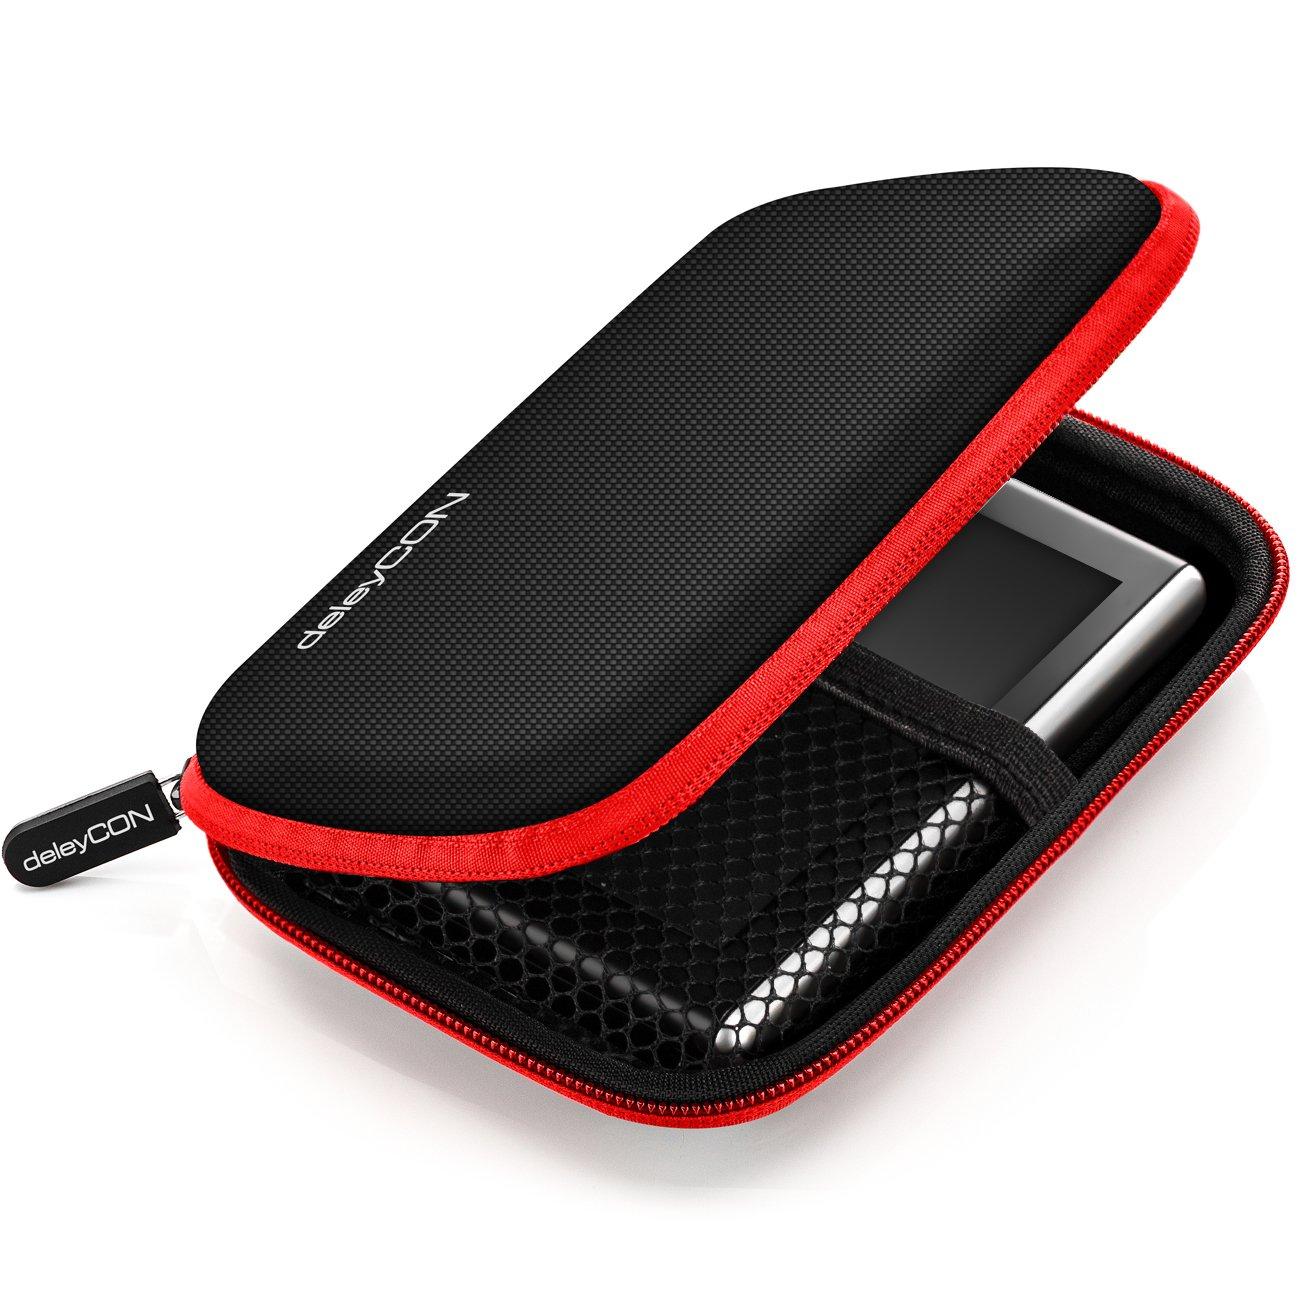 deleyCON MK-MK1581 14,6x9,3x3,4cm rojo Navi Case // Funda para dispositivos de navegaci/ón de hasta 4,3 /& 5